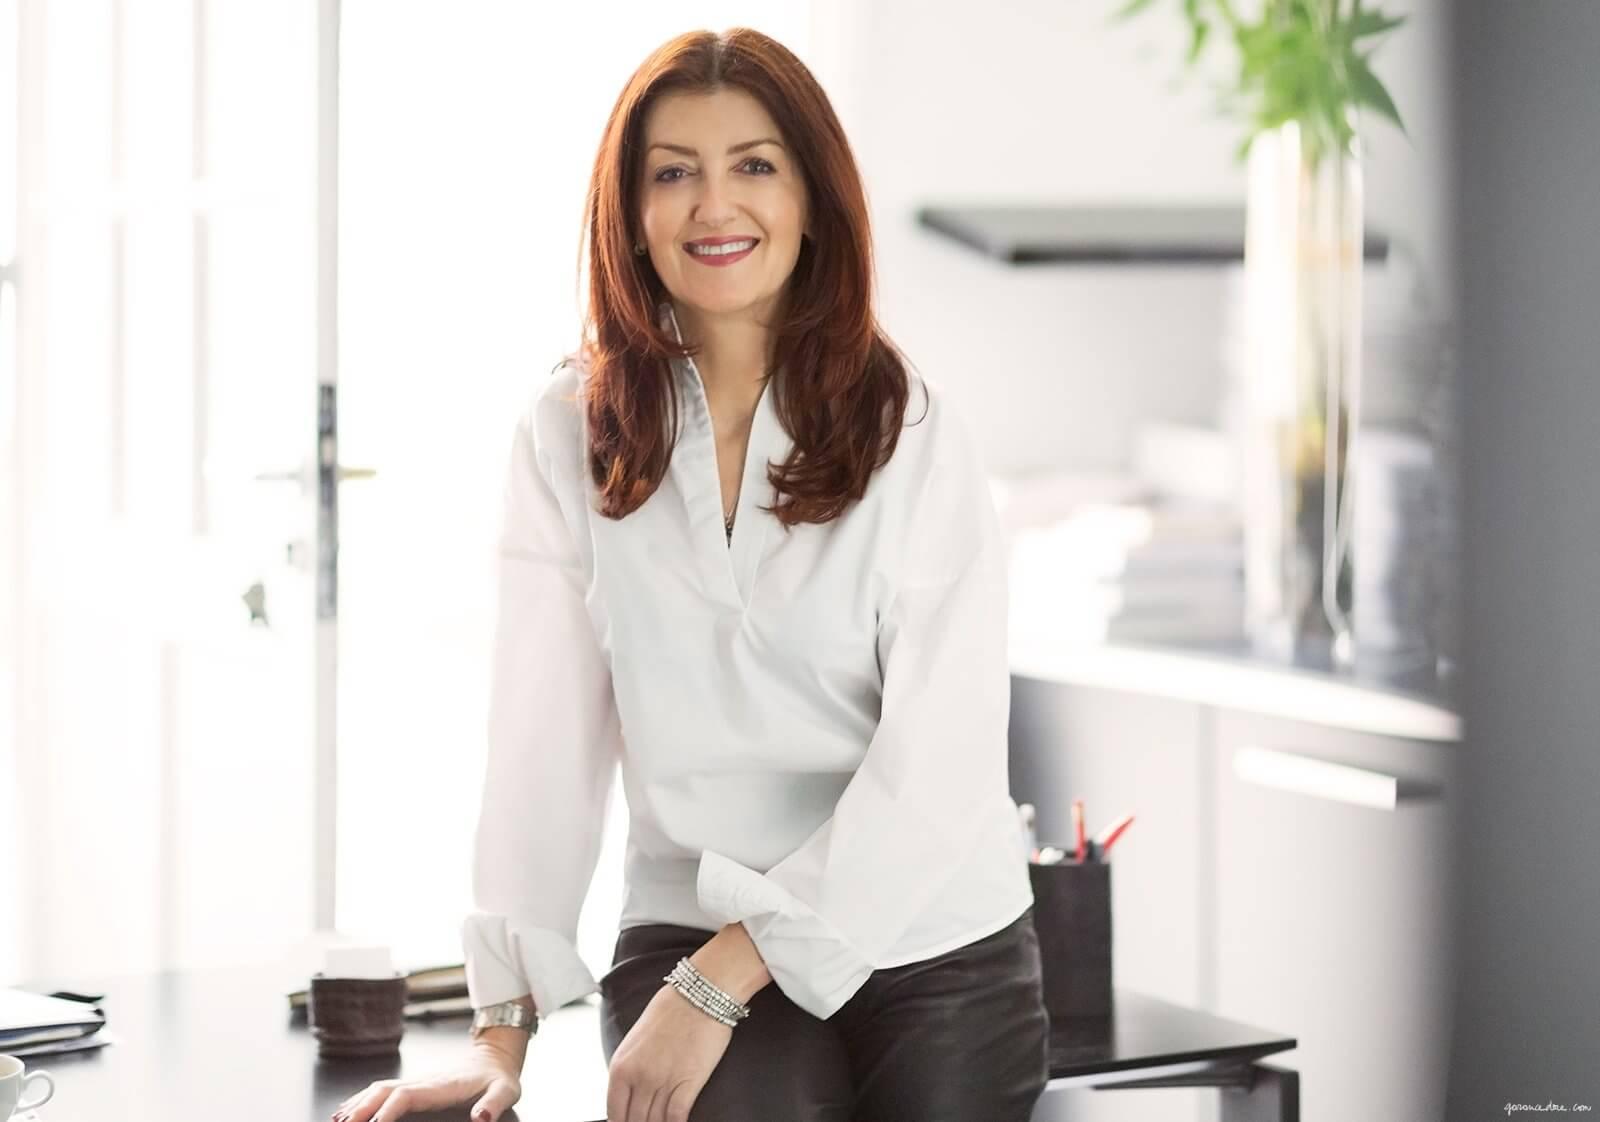 Valerie Espinasse